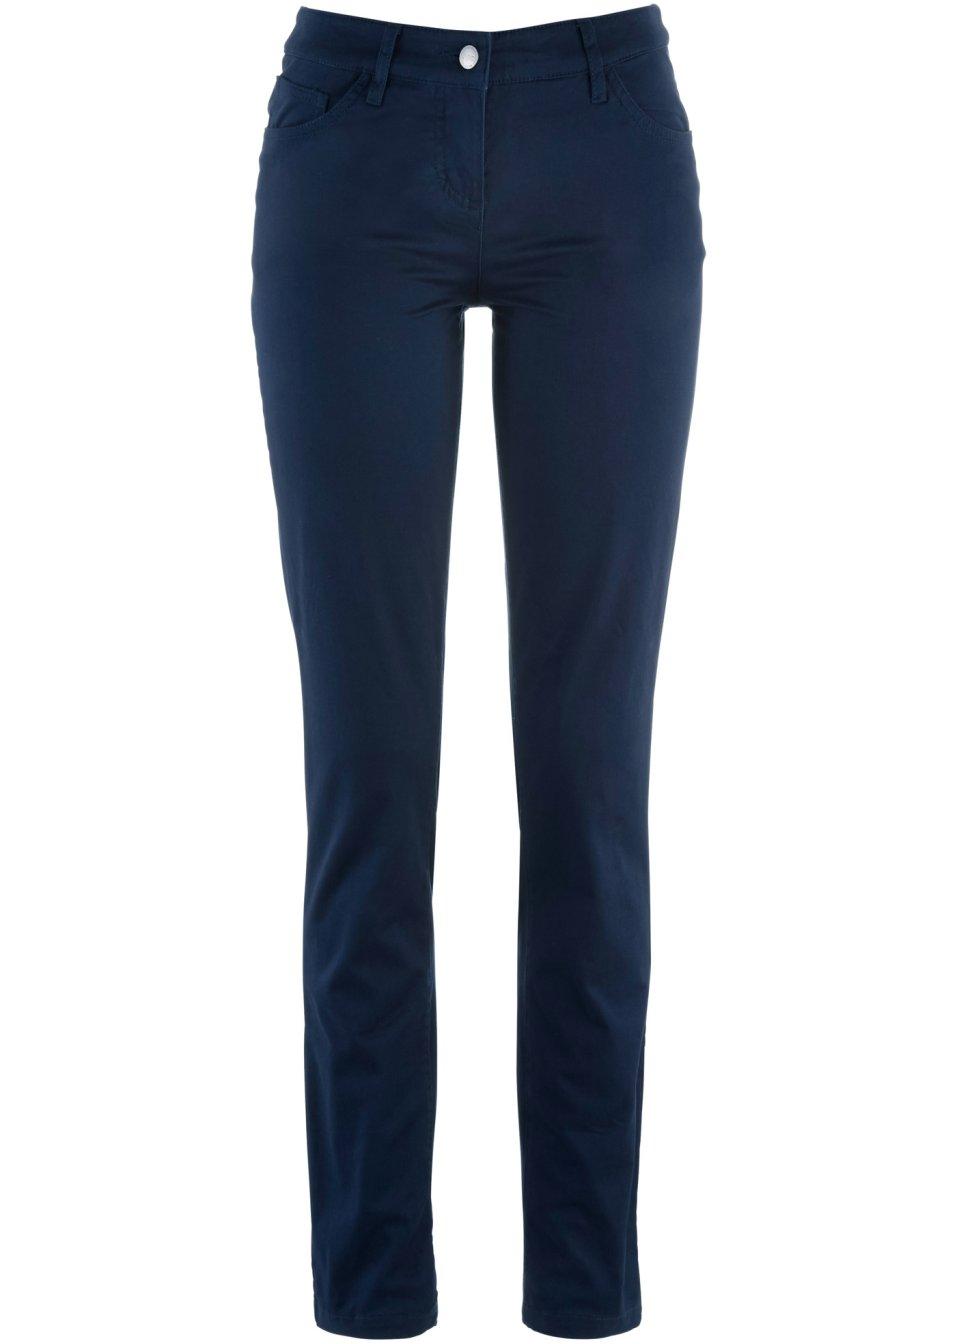 Pantalon extensible slim fit bleu fonc bpc bonprix collection commande onl - Bonprix suivi de commande ...